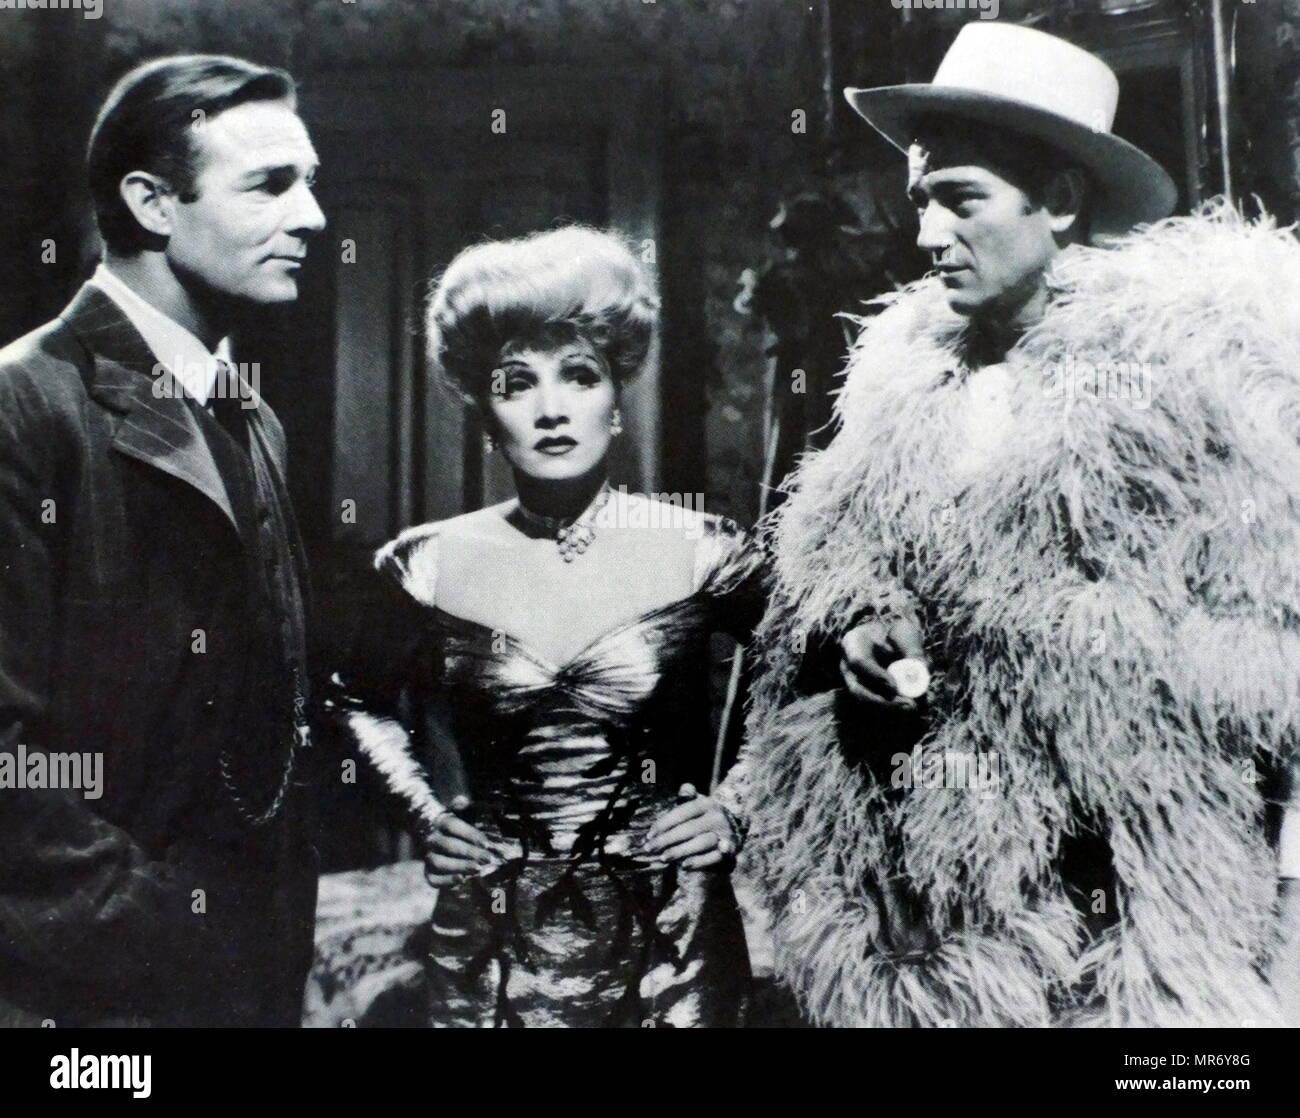 Les déporteurs est un film américain de 1942 réalisé par Ray Enright. Le film est fixé à Nome, Alaska pendant la ruée vers l'or de Nome, avec Marlene Dietrich que Cherry Malotte, Randolph Scott comme Alexander McNamara, et John Wayne comme Roy Glennister, et culmine dans un saloon spectaculaire bagarre entre McNamara et Glennister. Banque D'Images